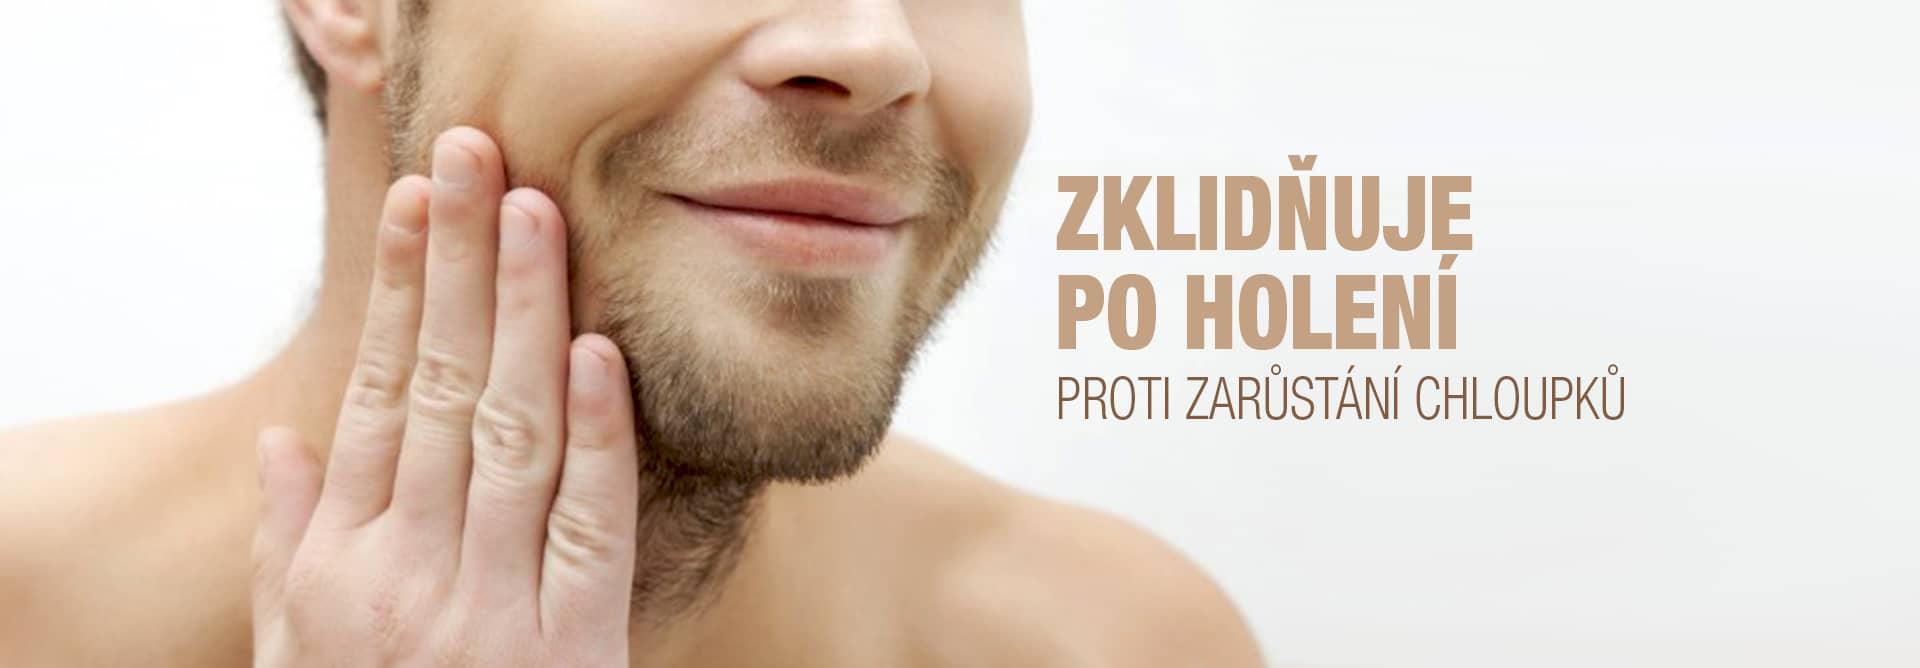 SHEABUTTER - Po holení